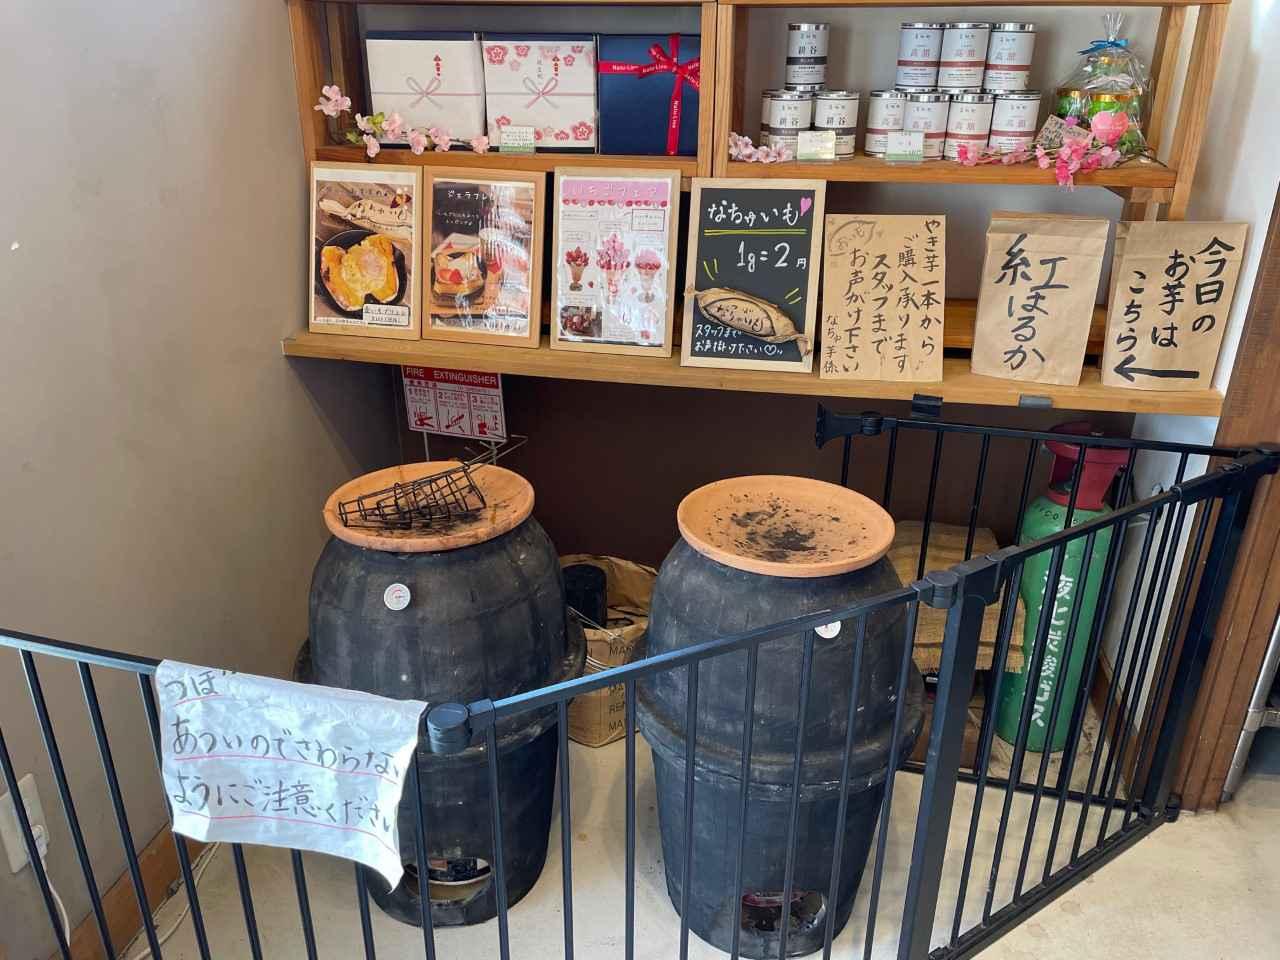 画像20: 宮城の旬を味わう旅 ~復興から生まれた魅力ある地産品(Local products)~